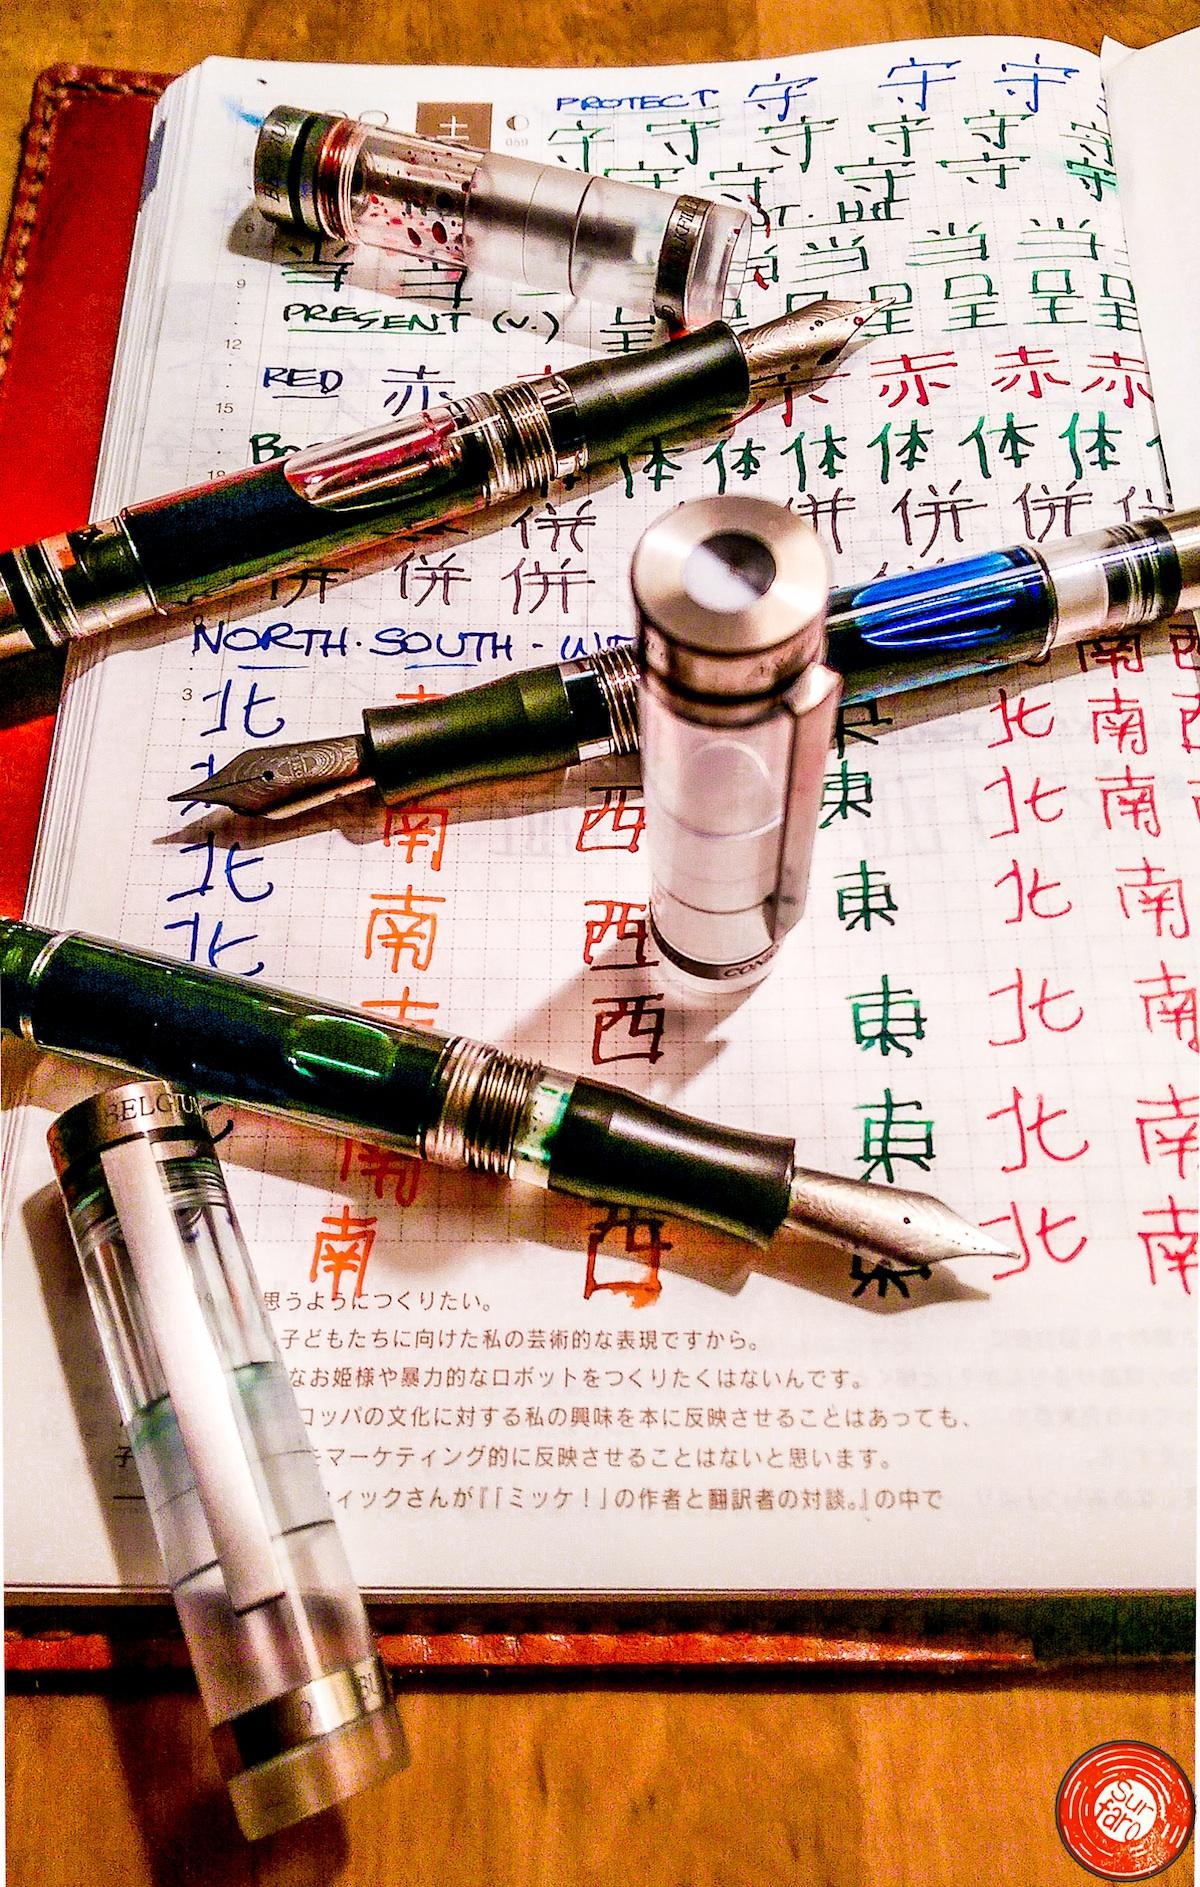 fpn_1433013378__conid_3_small.jpg